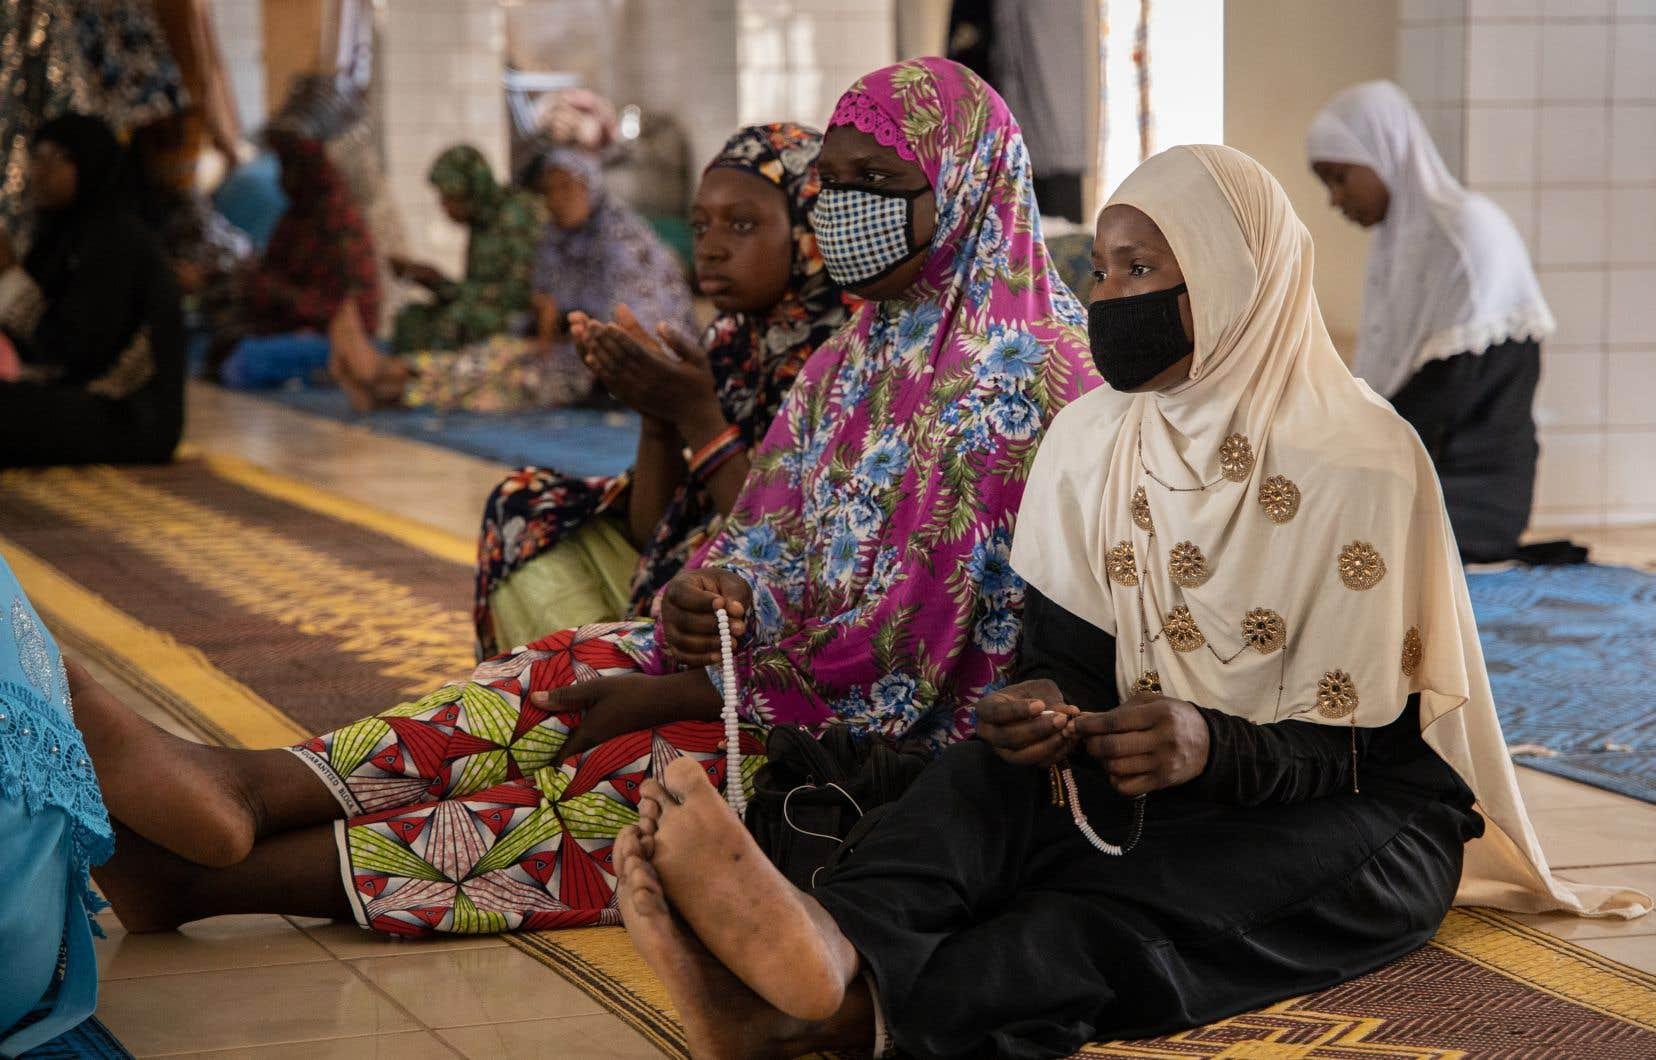 Sur le continent africain, la COVID-19 a fait son premier mort au Burkina Faso cette semaine. En conséquence, la Fédération des associations islamiques burkinabées a annoncé la suspension des prières jusqu'au 4 avril.